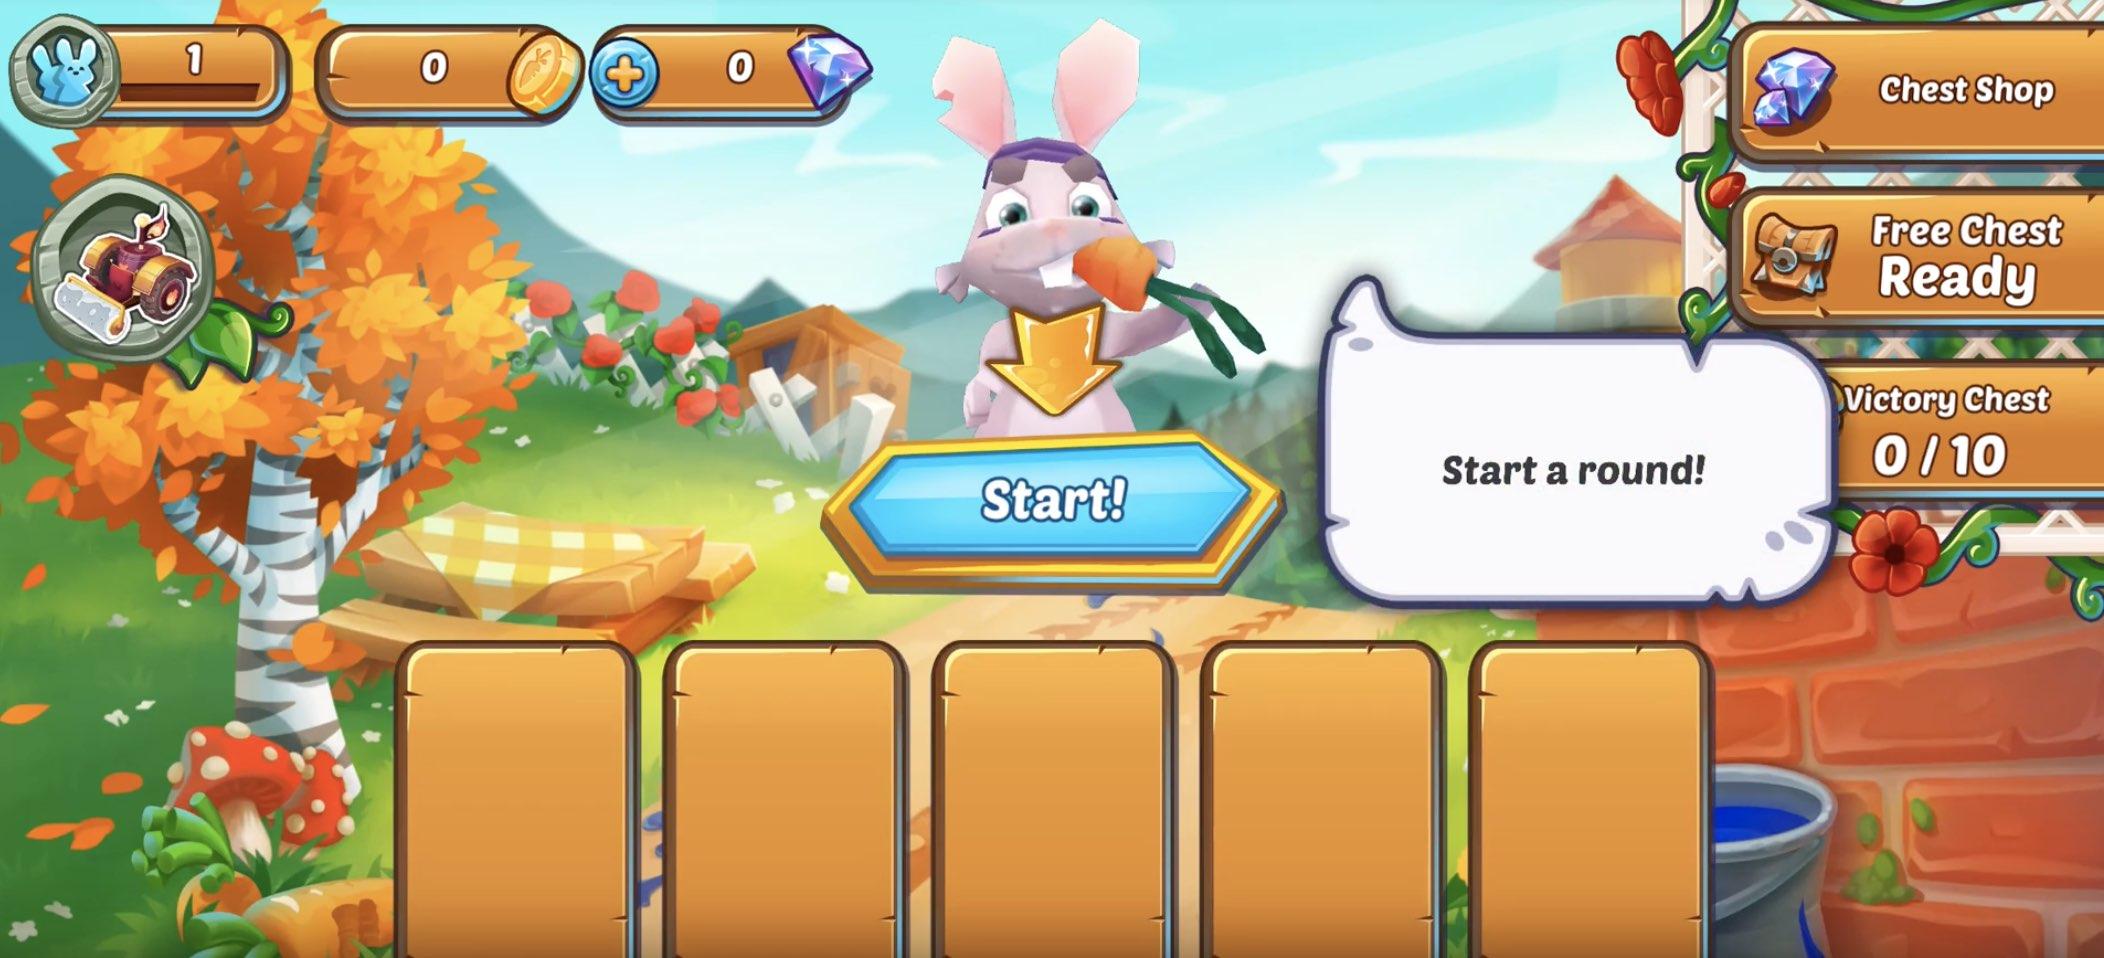 Splash Rabbit Arena hack relics